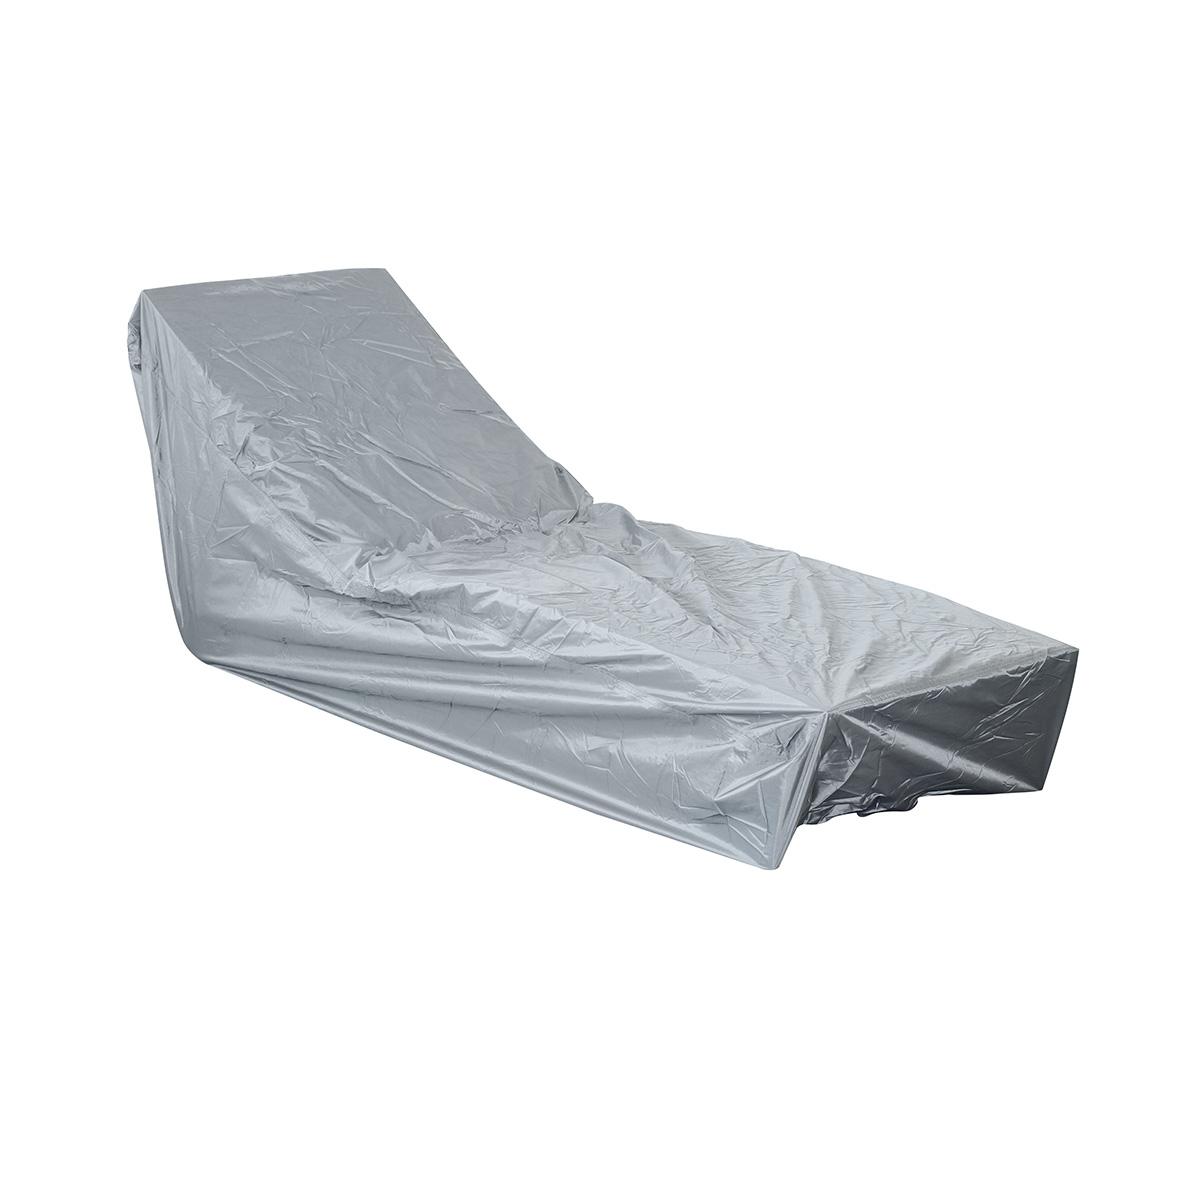 Housse de protection pour bain de soleil 200 x 75 x 45